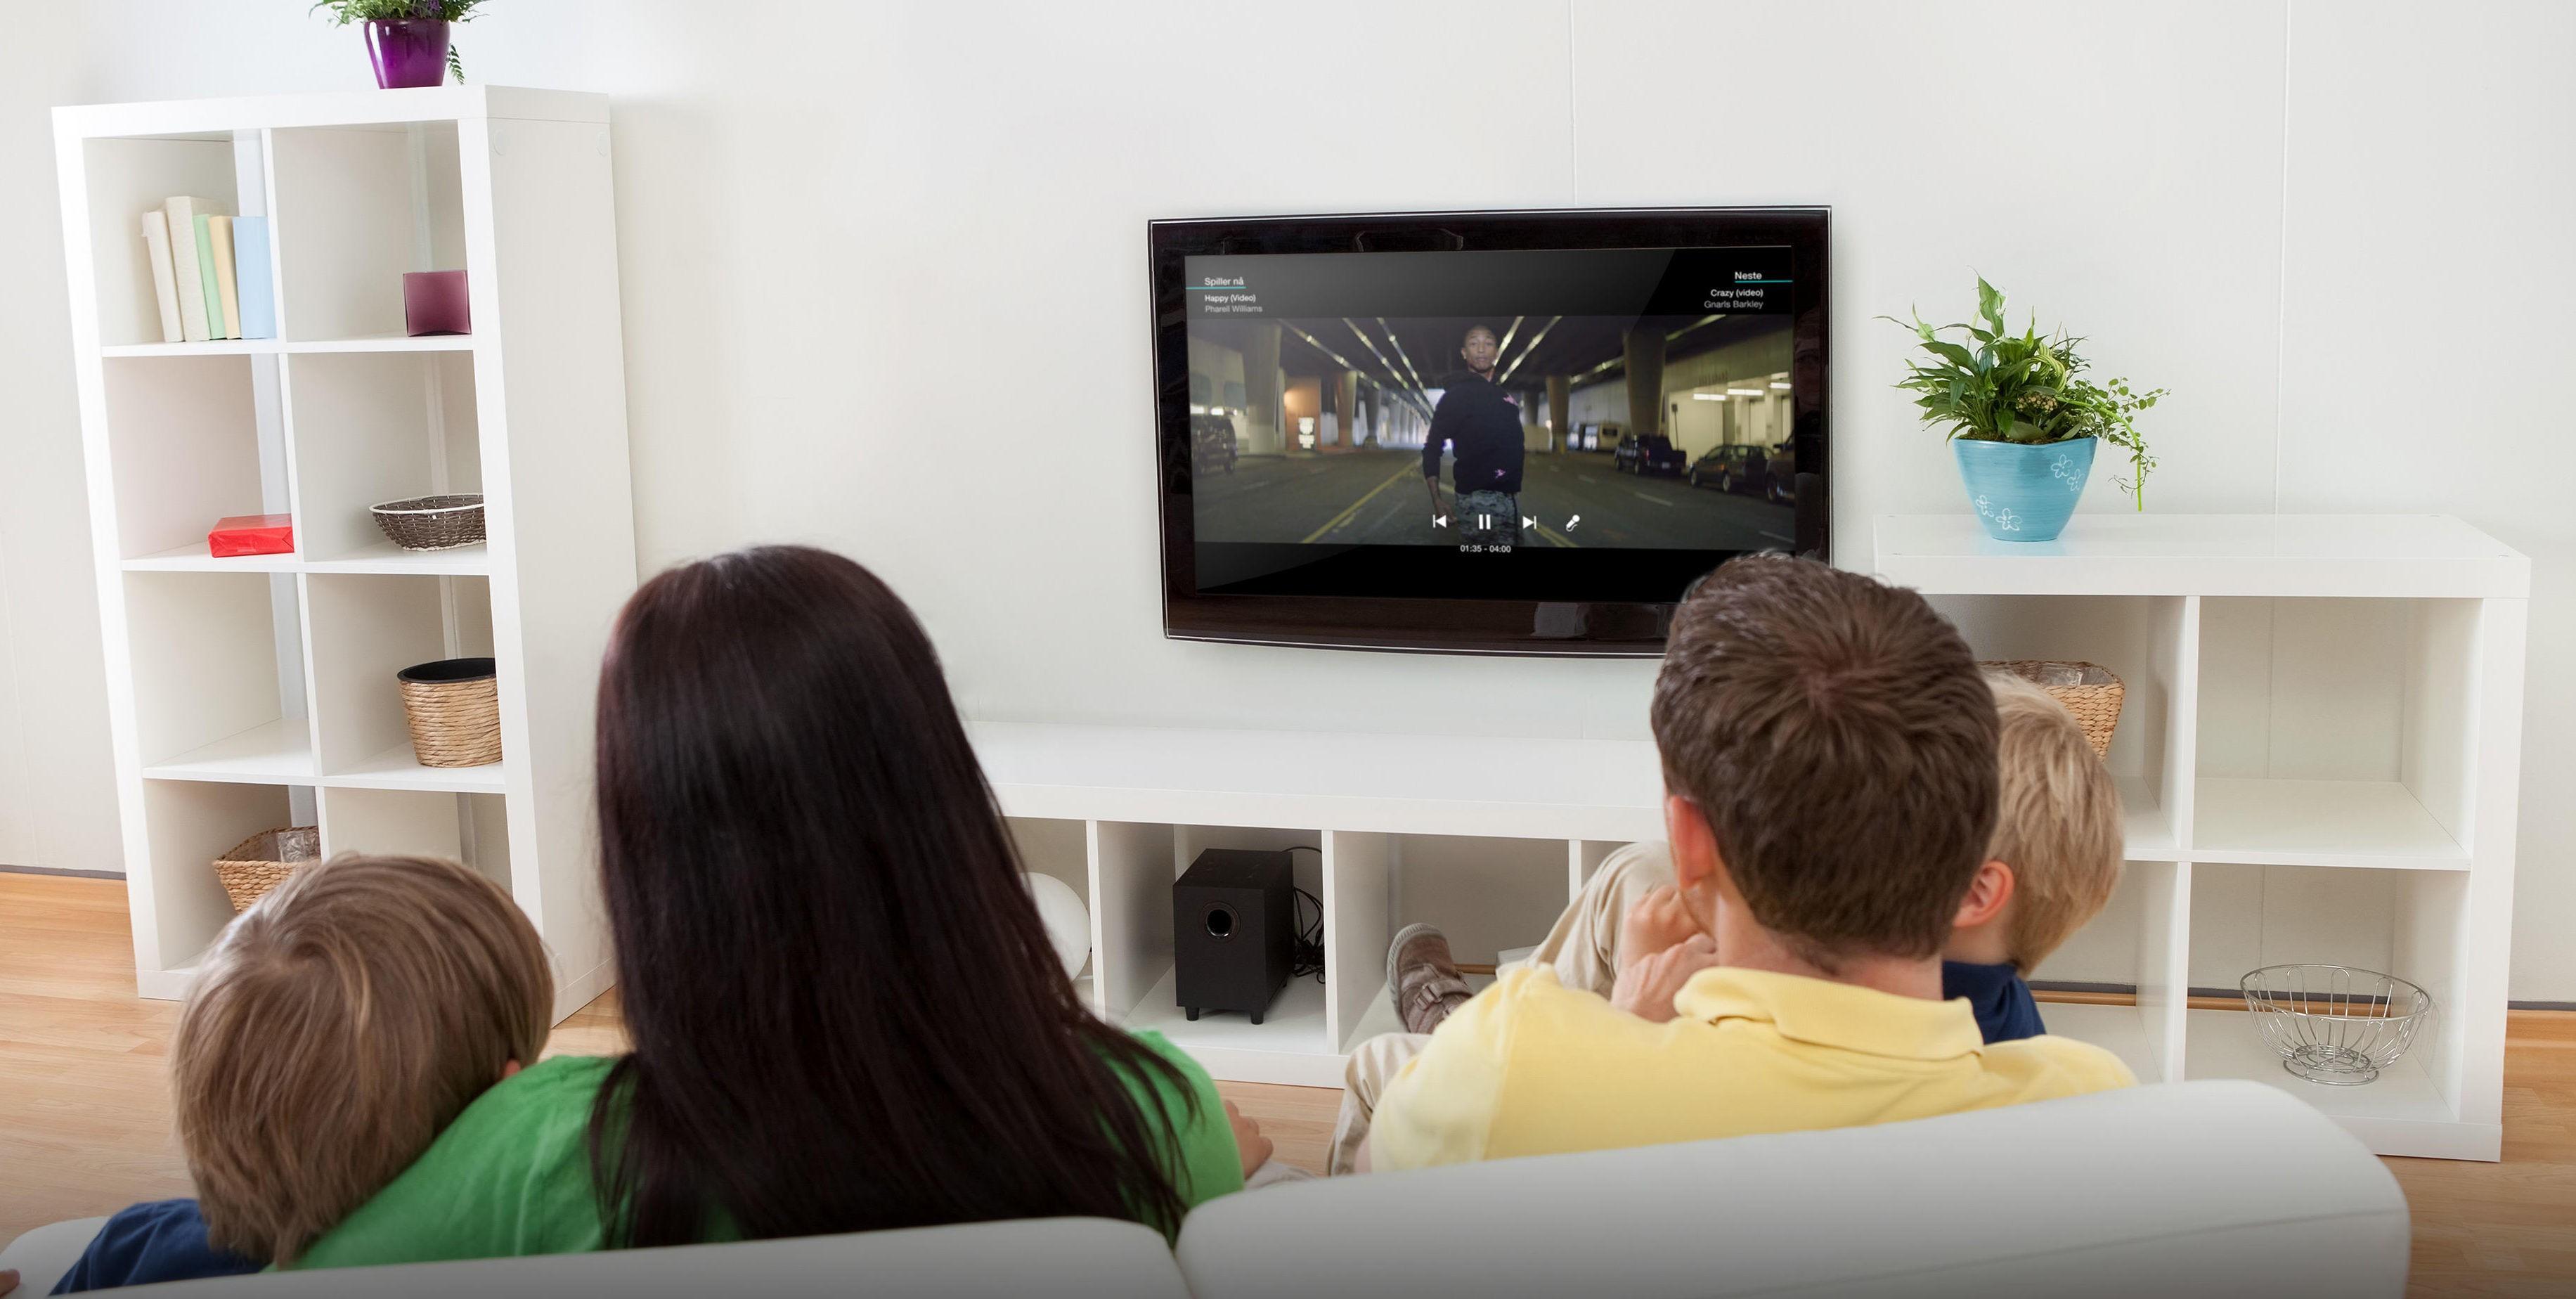 Om man ikke har skaffet seg en digital dekorder, eller TV med integrert kortleser, blir det bare snø på skjermen for Canal Digitals Kabels kunder fra 18. september.